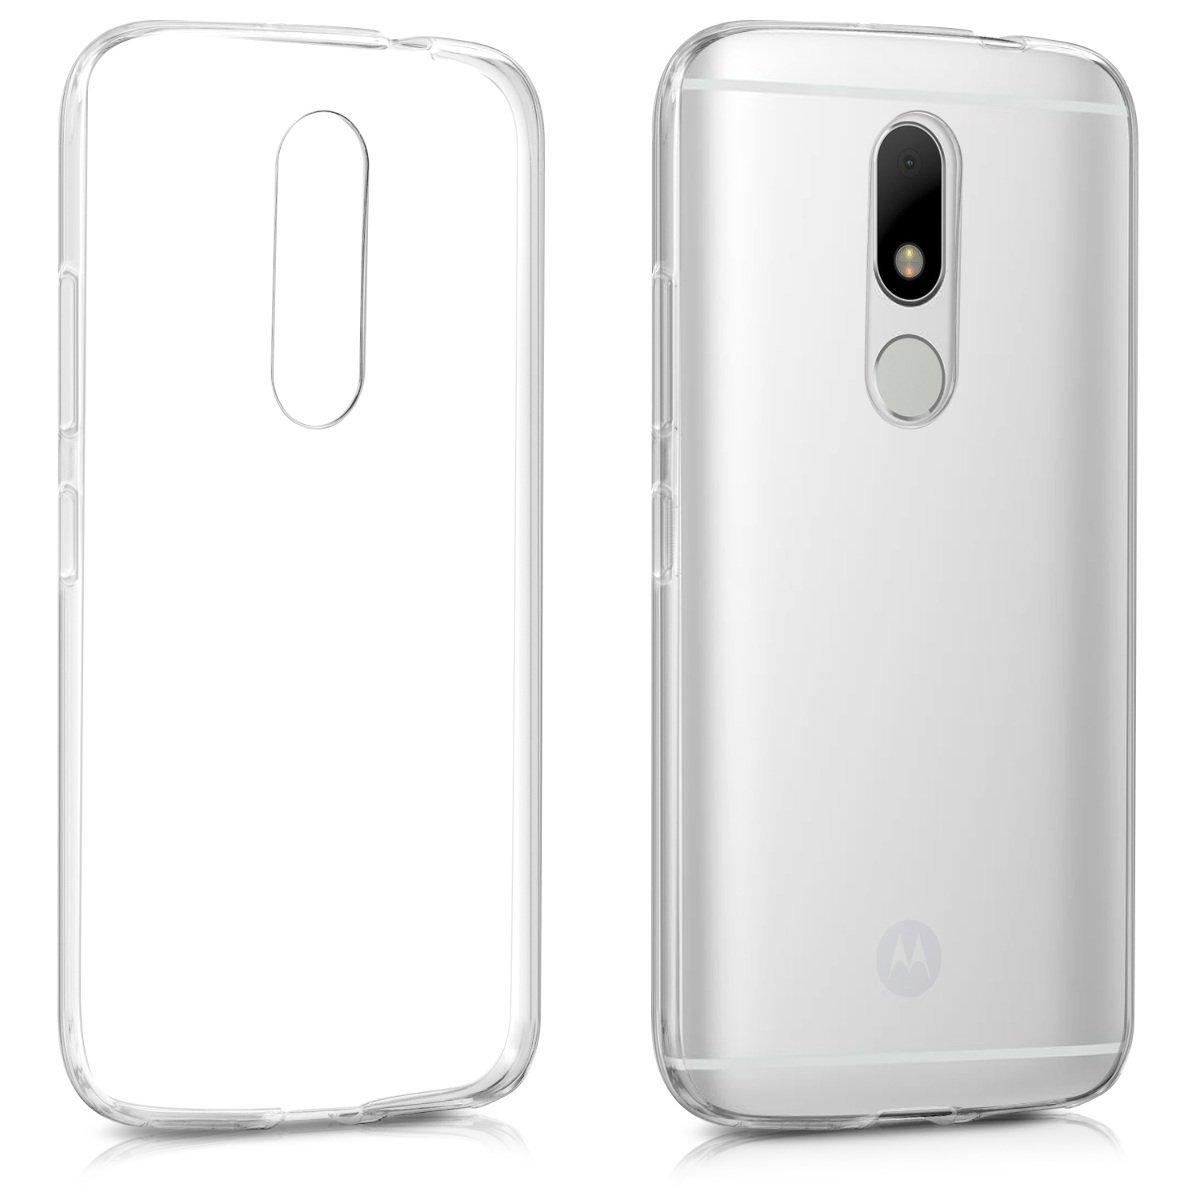 KW Διάφανη Θήκη Σιλικόνης Motorola Moto M (40647.03)